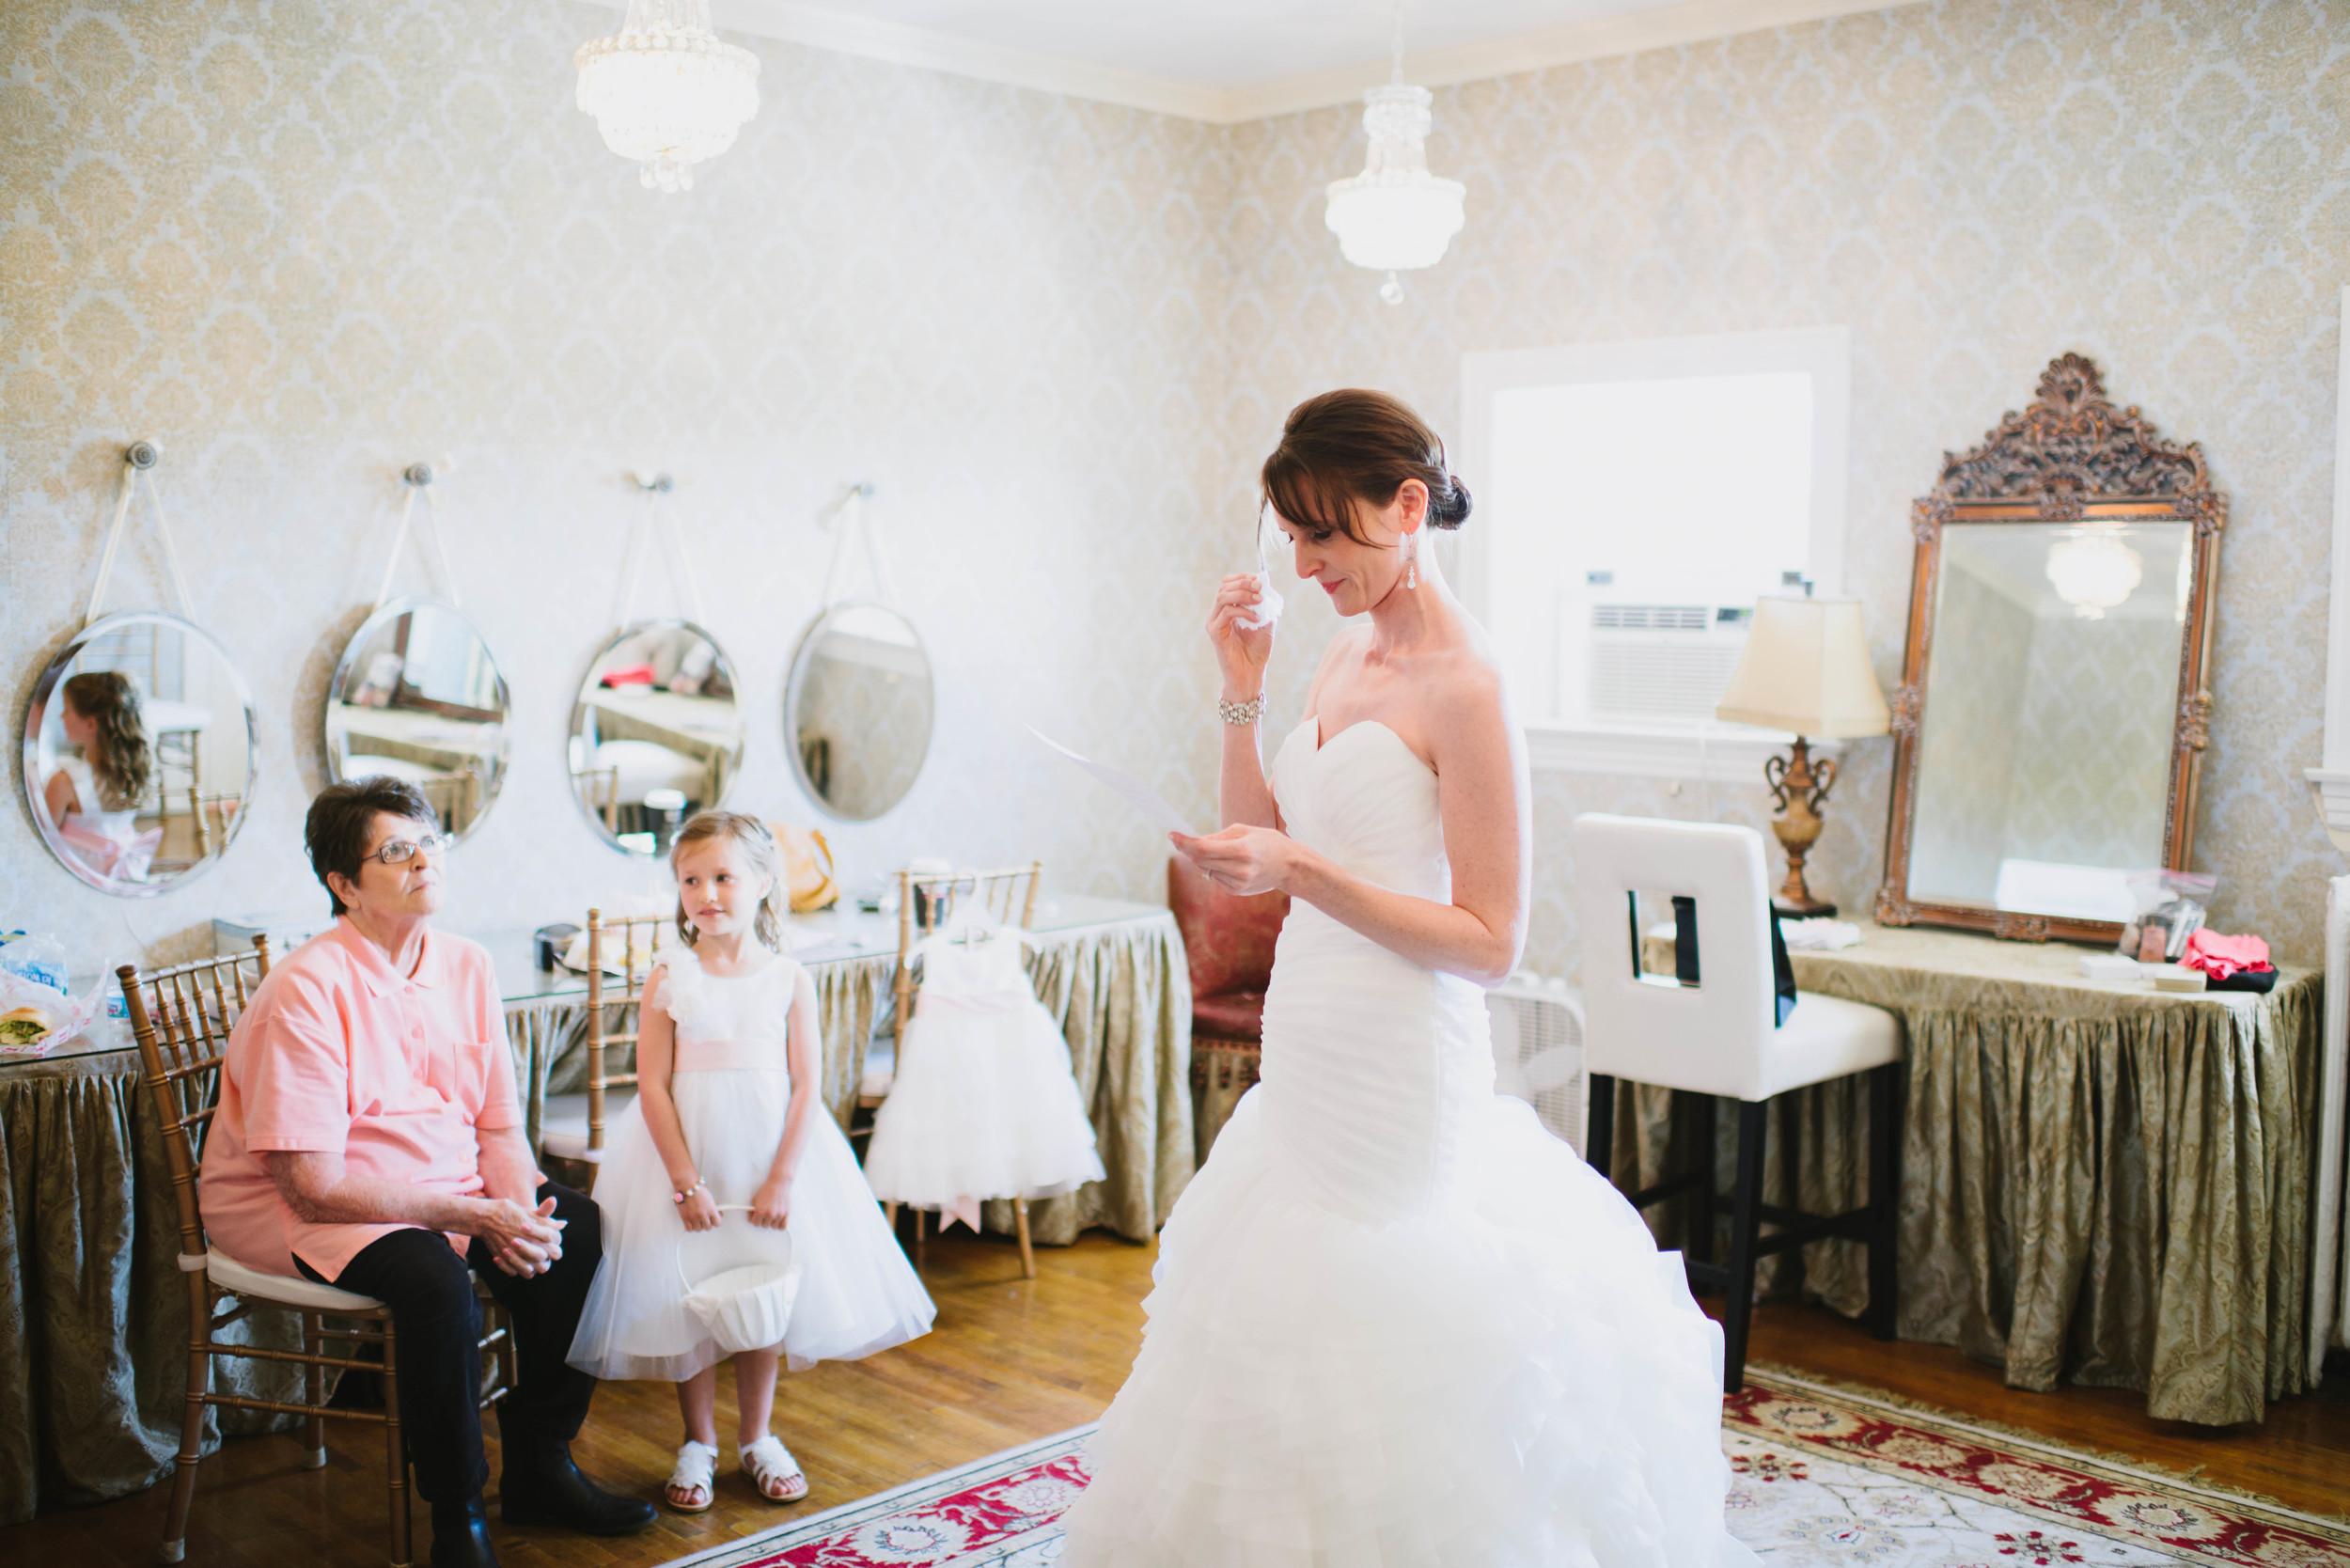 wedding2014-81.jpg